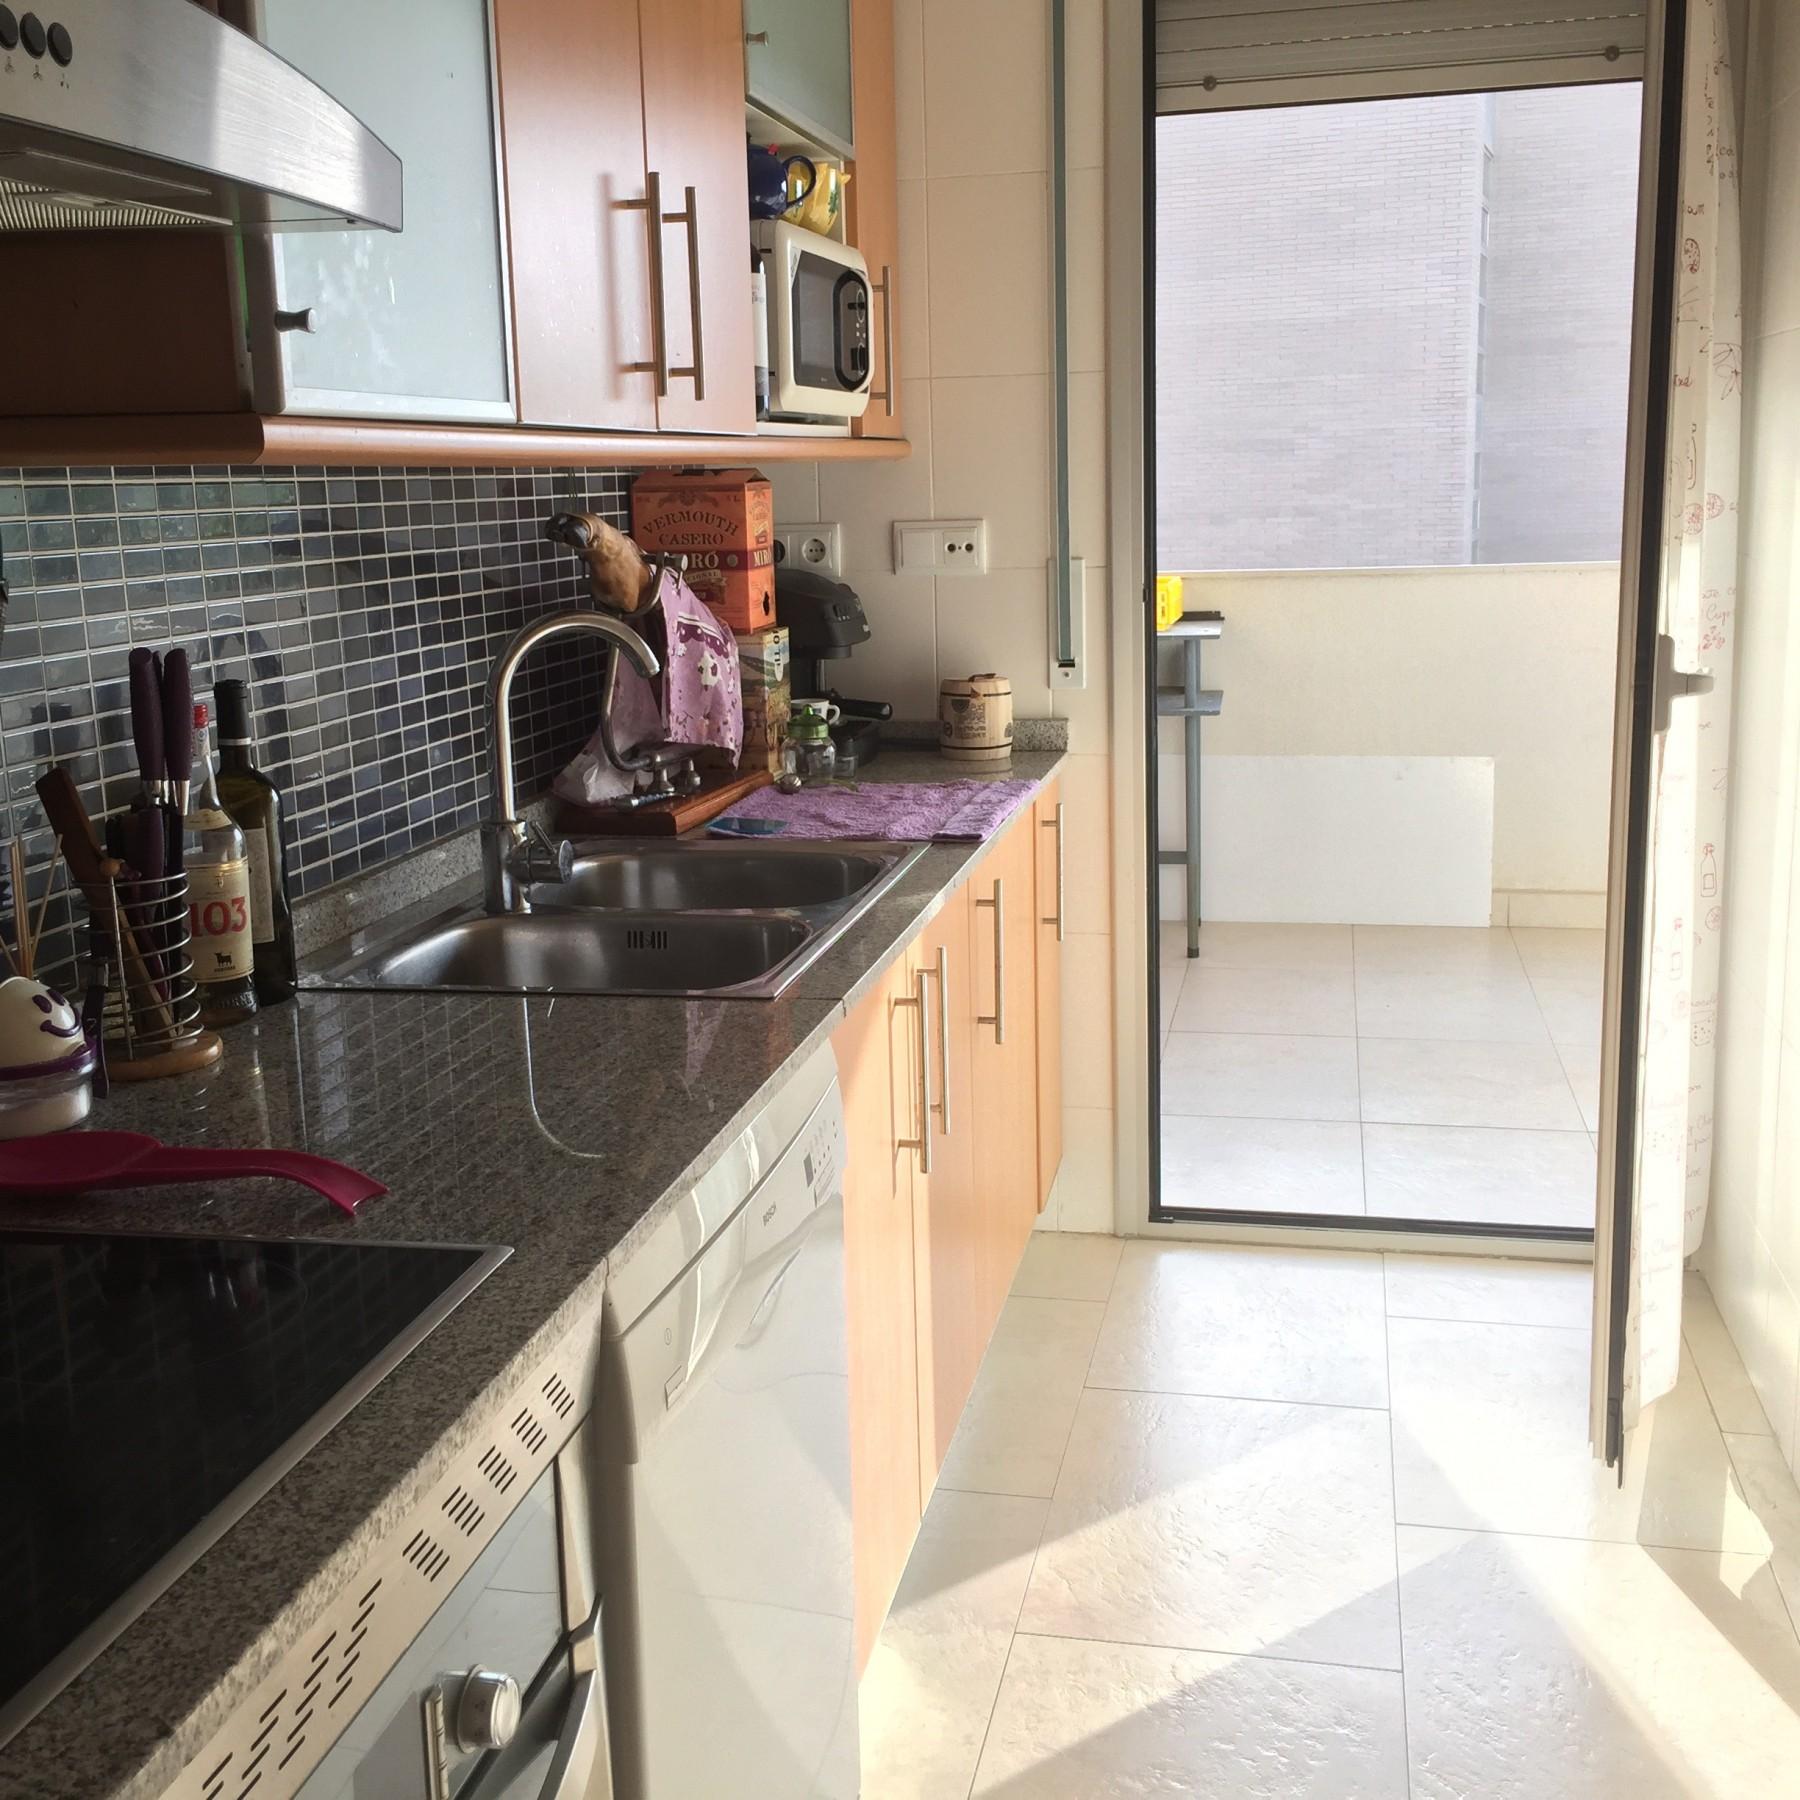 Apartamento CÉntrico Con Parking Piscina Y Padel: Precioso Apartamento 2 Hab